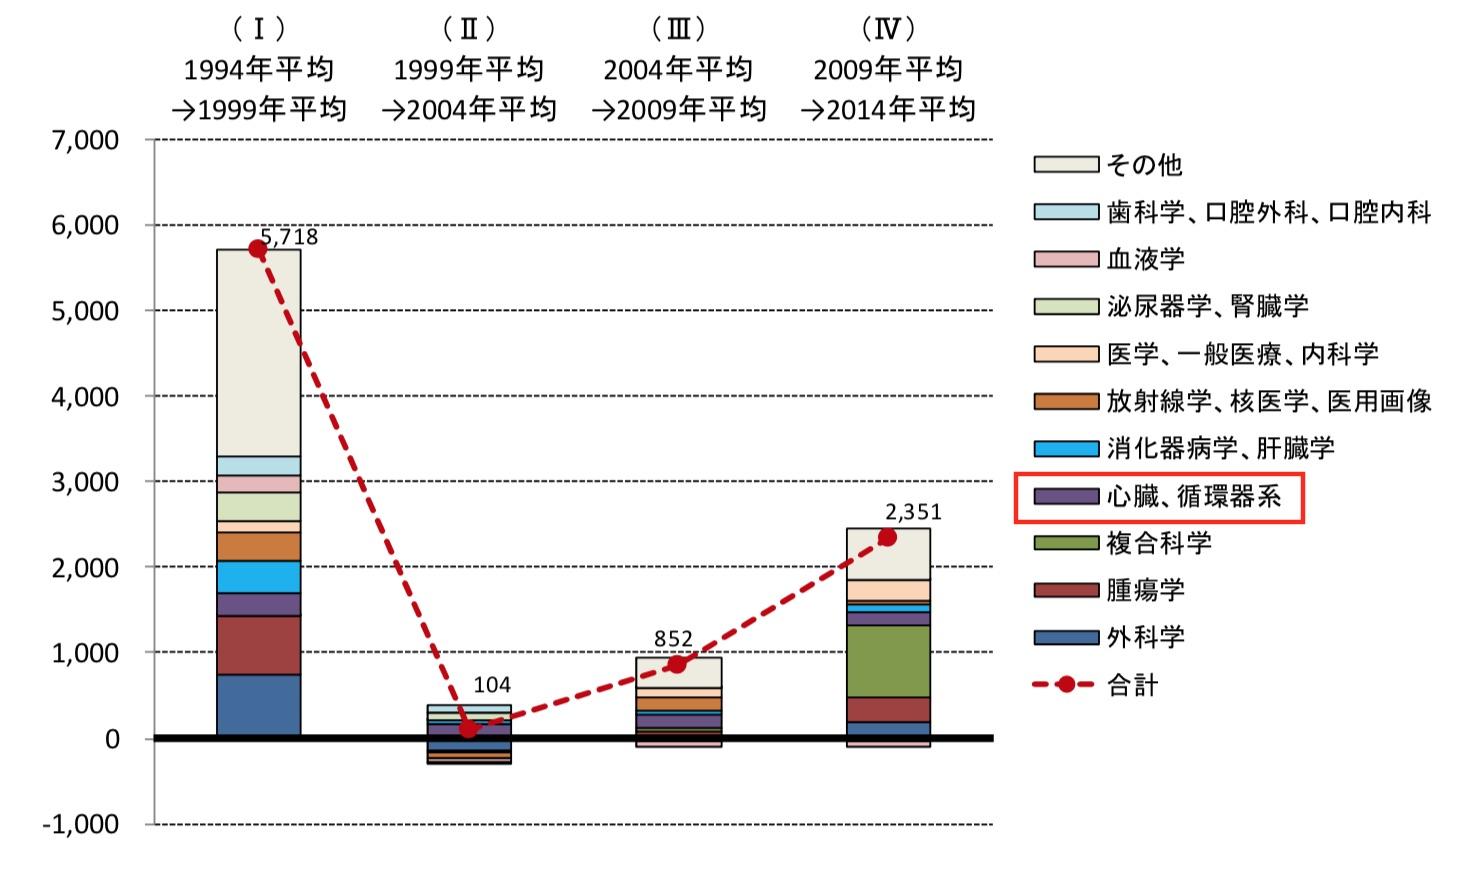 図2. 「臨床医学」分野における論文数の変化とそのサブカテゴリ内訳